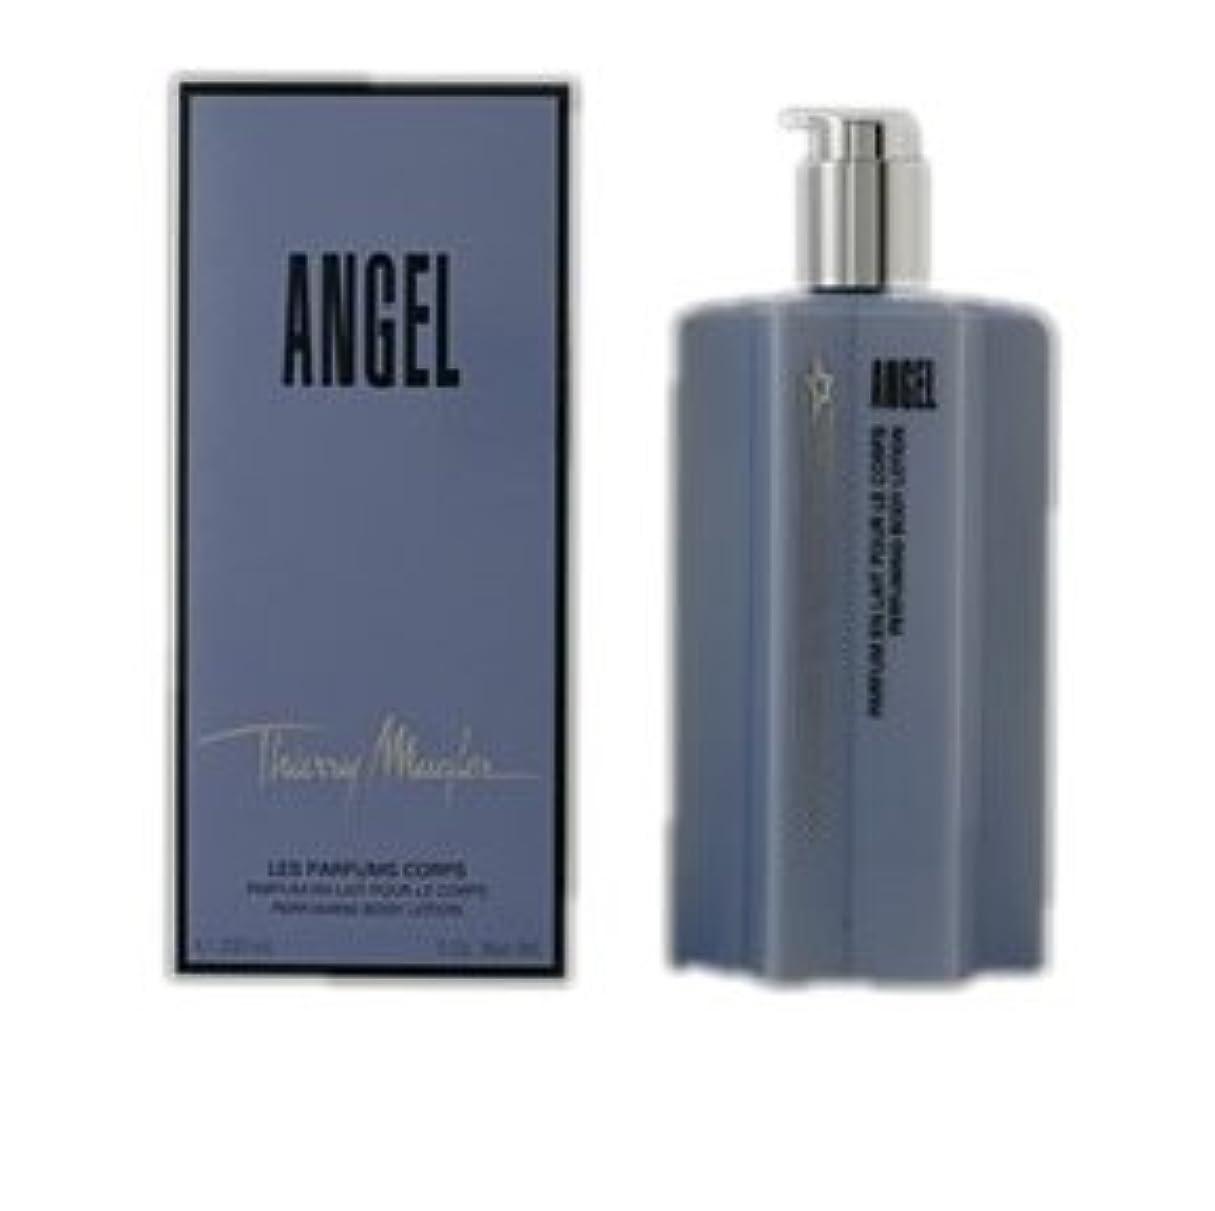 これまで花嫁割合Thierry Mugler Angel Perfuming Body Lotion 200ml [並行輸入品]